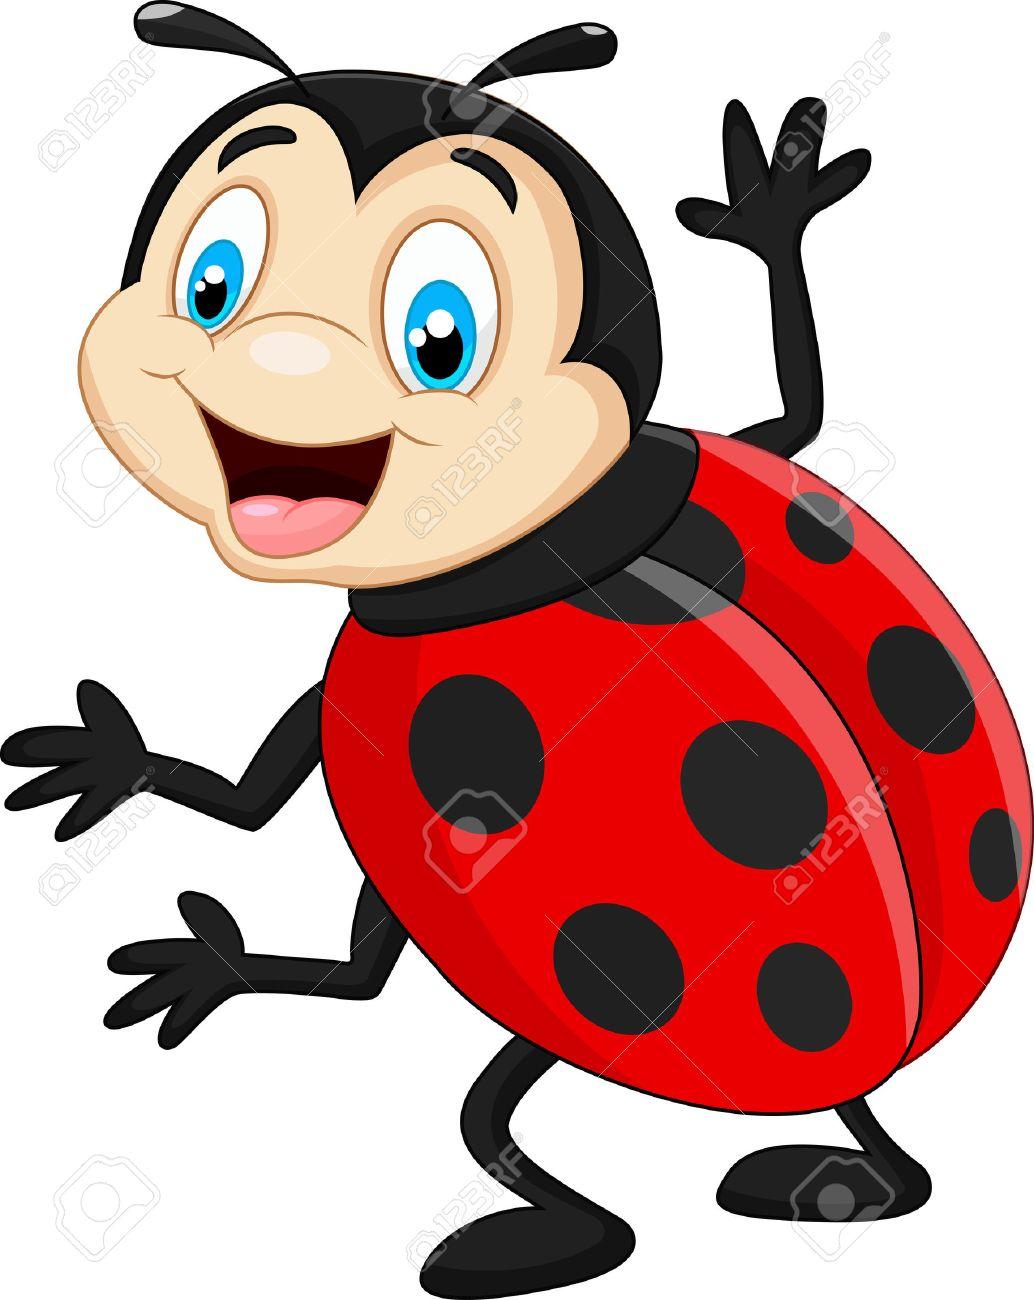 Cartoon ladybug waving.